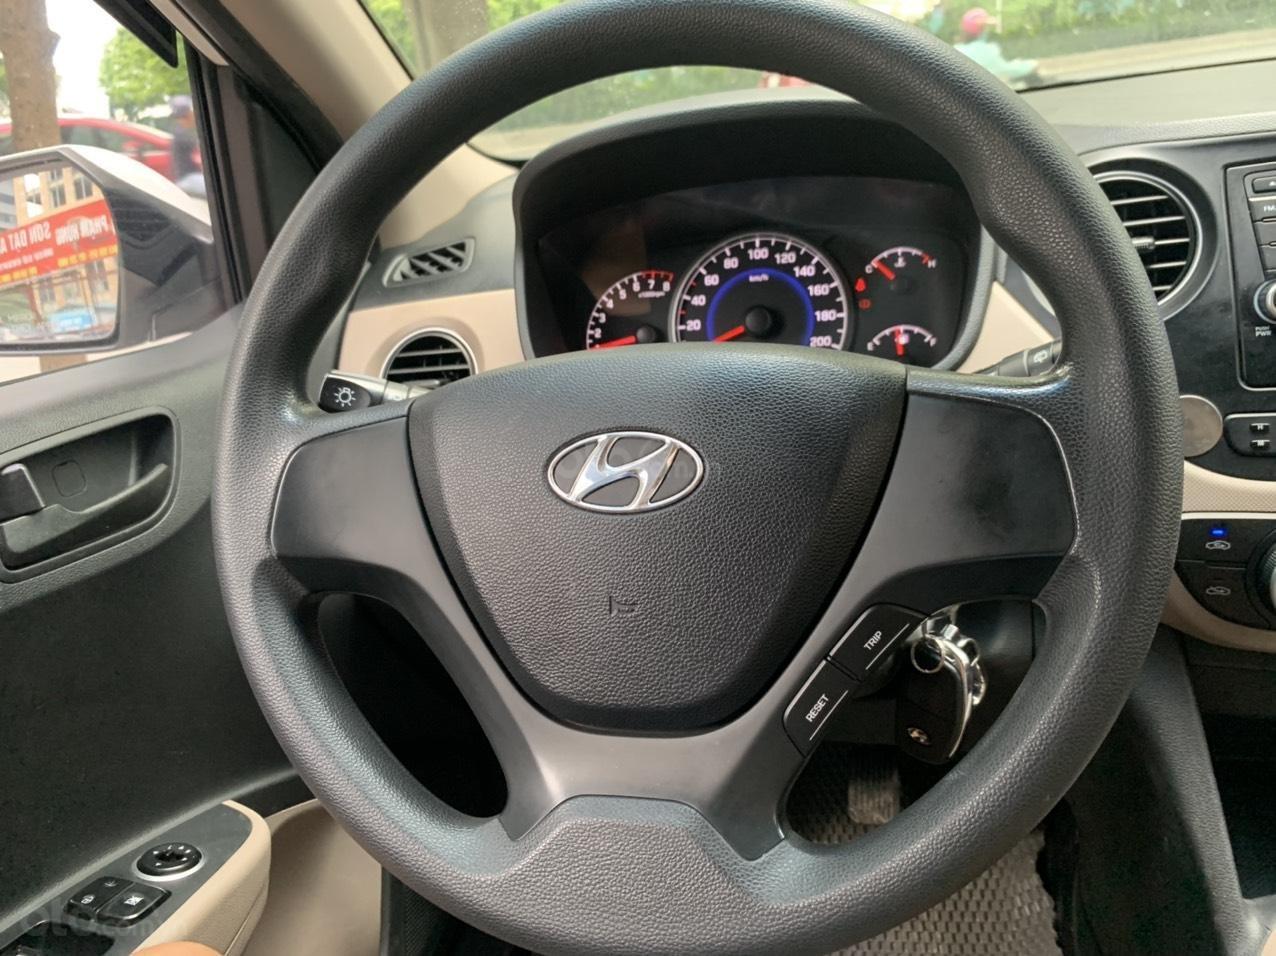 Cần bán xe Hyundai Grand i10 MT 1.0, sản xuất năm 2016 (9)